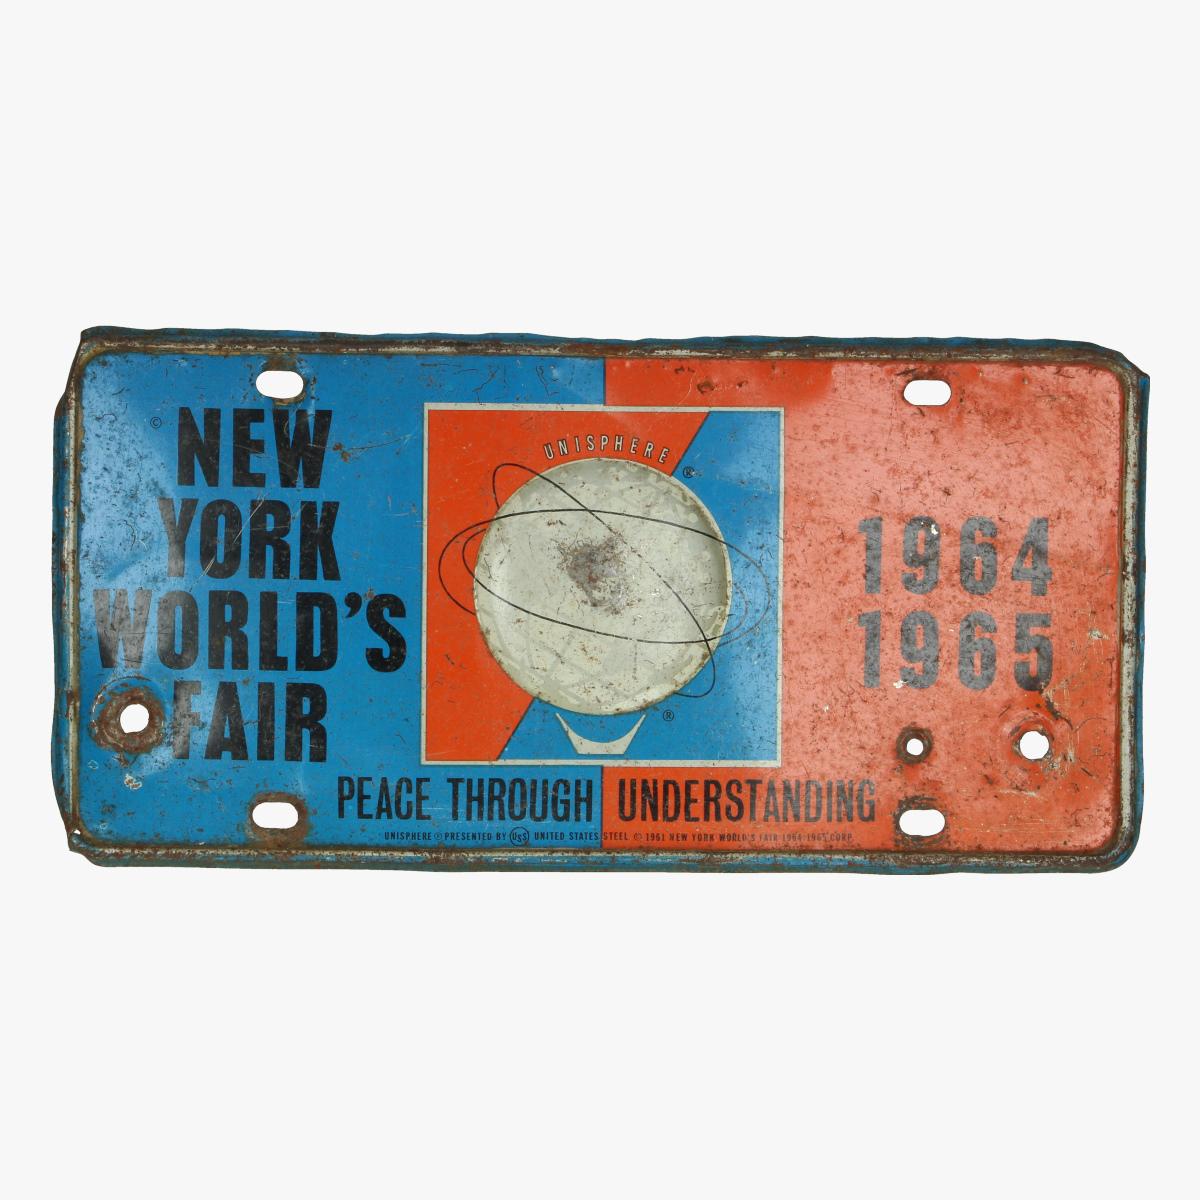 Afbeeldingen van blikken bordje new york world's fair 1964/65